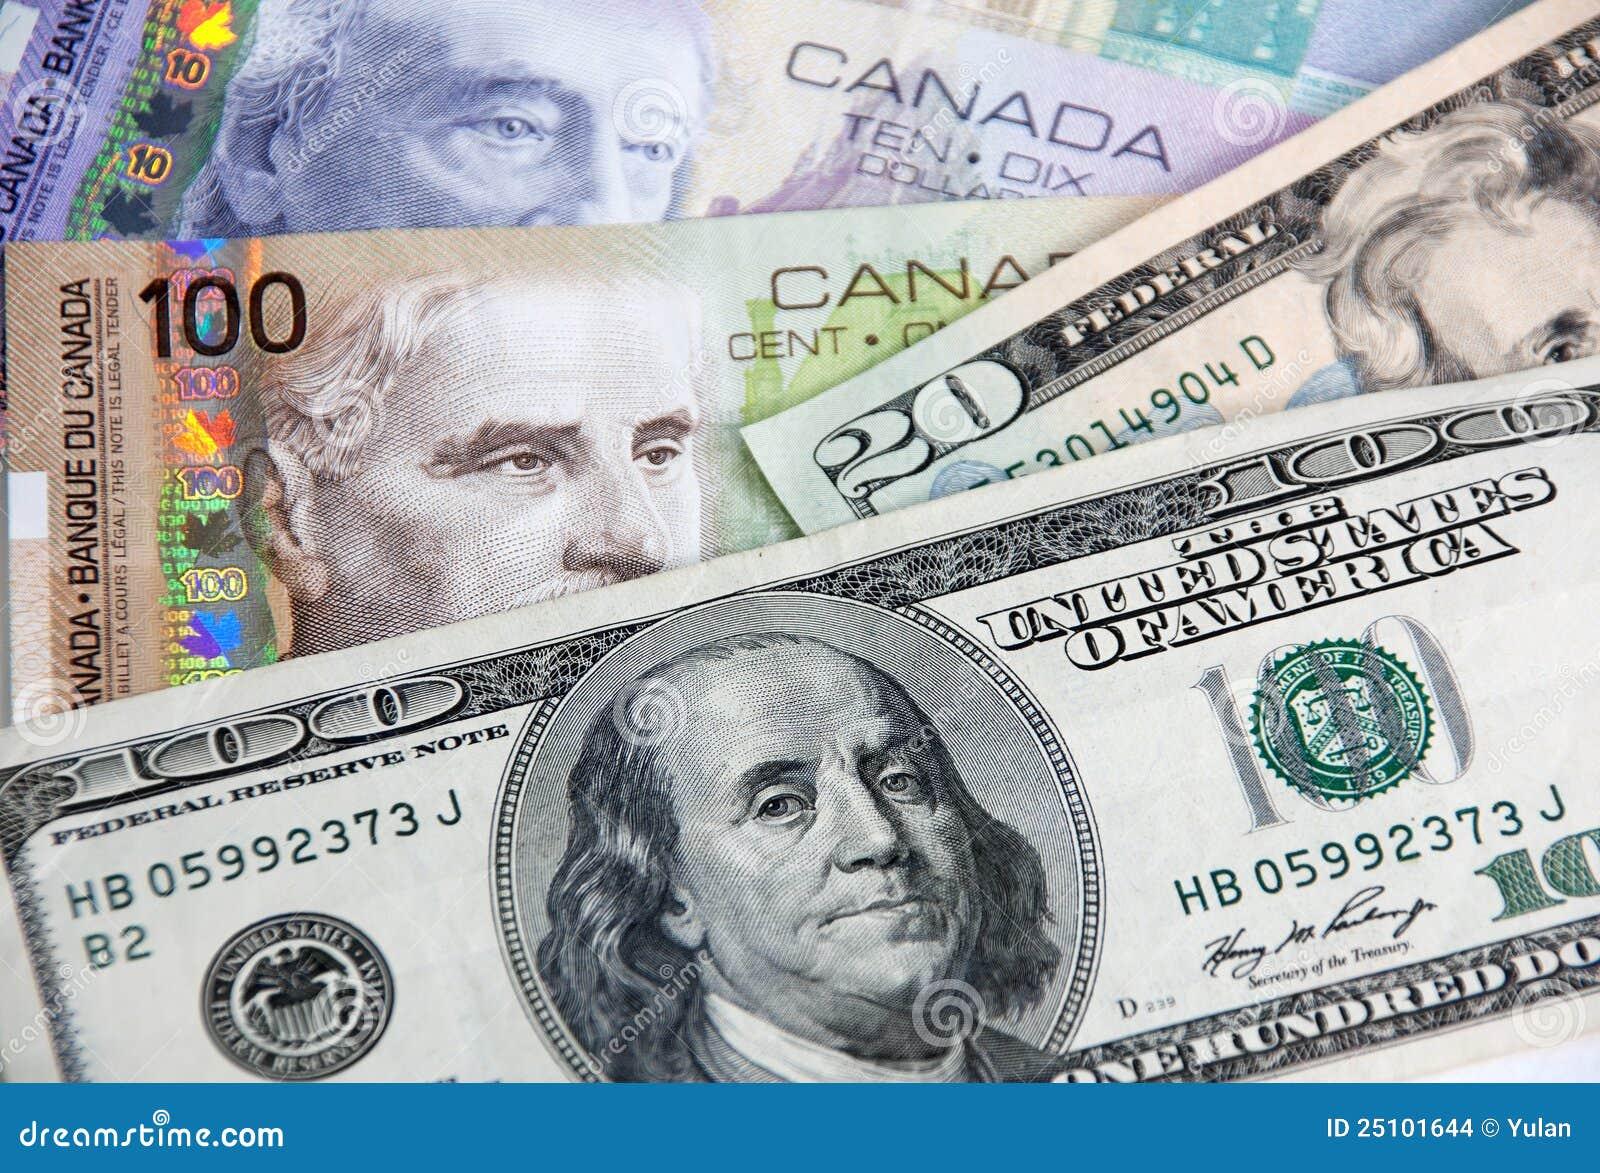 Der trace32.info Währungsrechner bietet eine sekundenschnelle Währungsumrechnung von Euro in Kanadischer Dollar. Urlauber in Euroland können hier Umrechnungen zu .